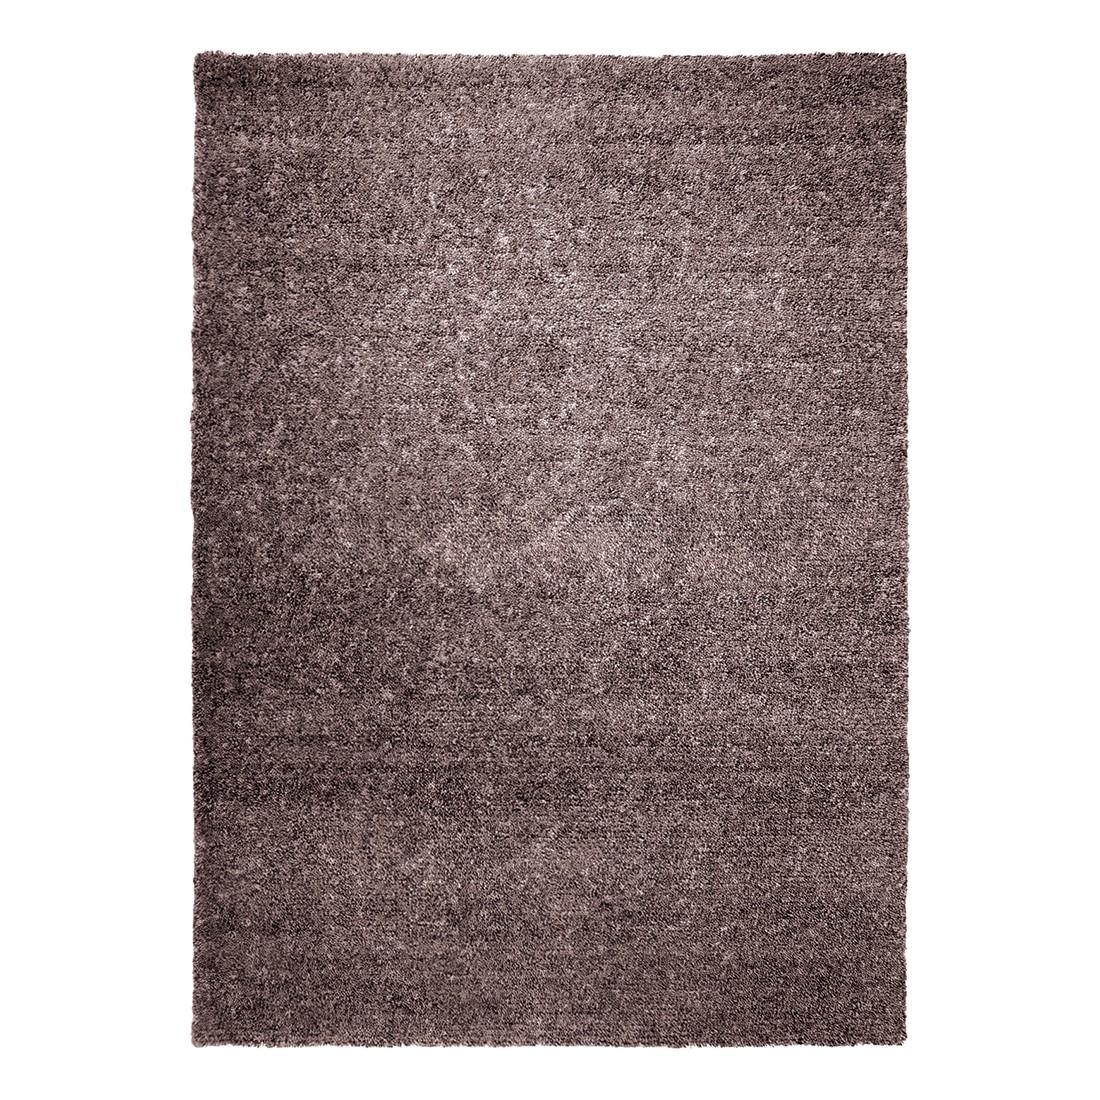 Teppich Spacedyed – Wolle/Braun – 120 cm x 190 cm, Esprit Home günstig bestellen